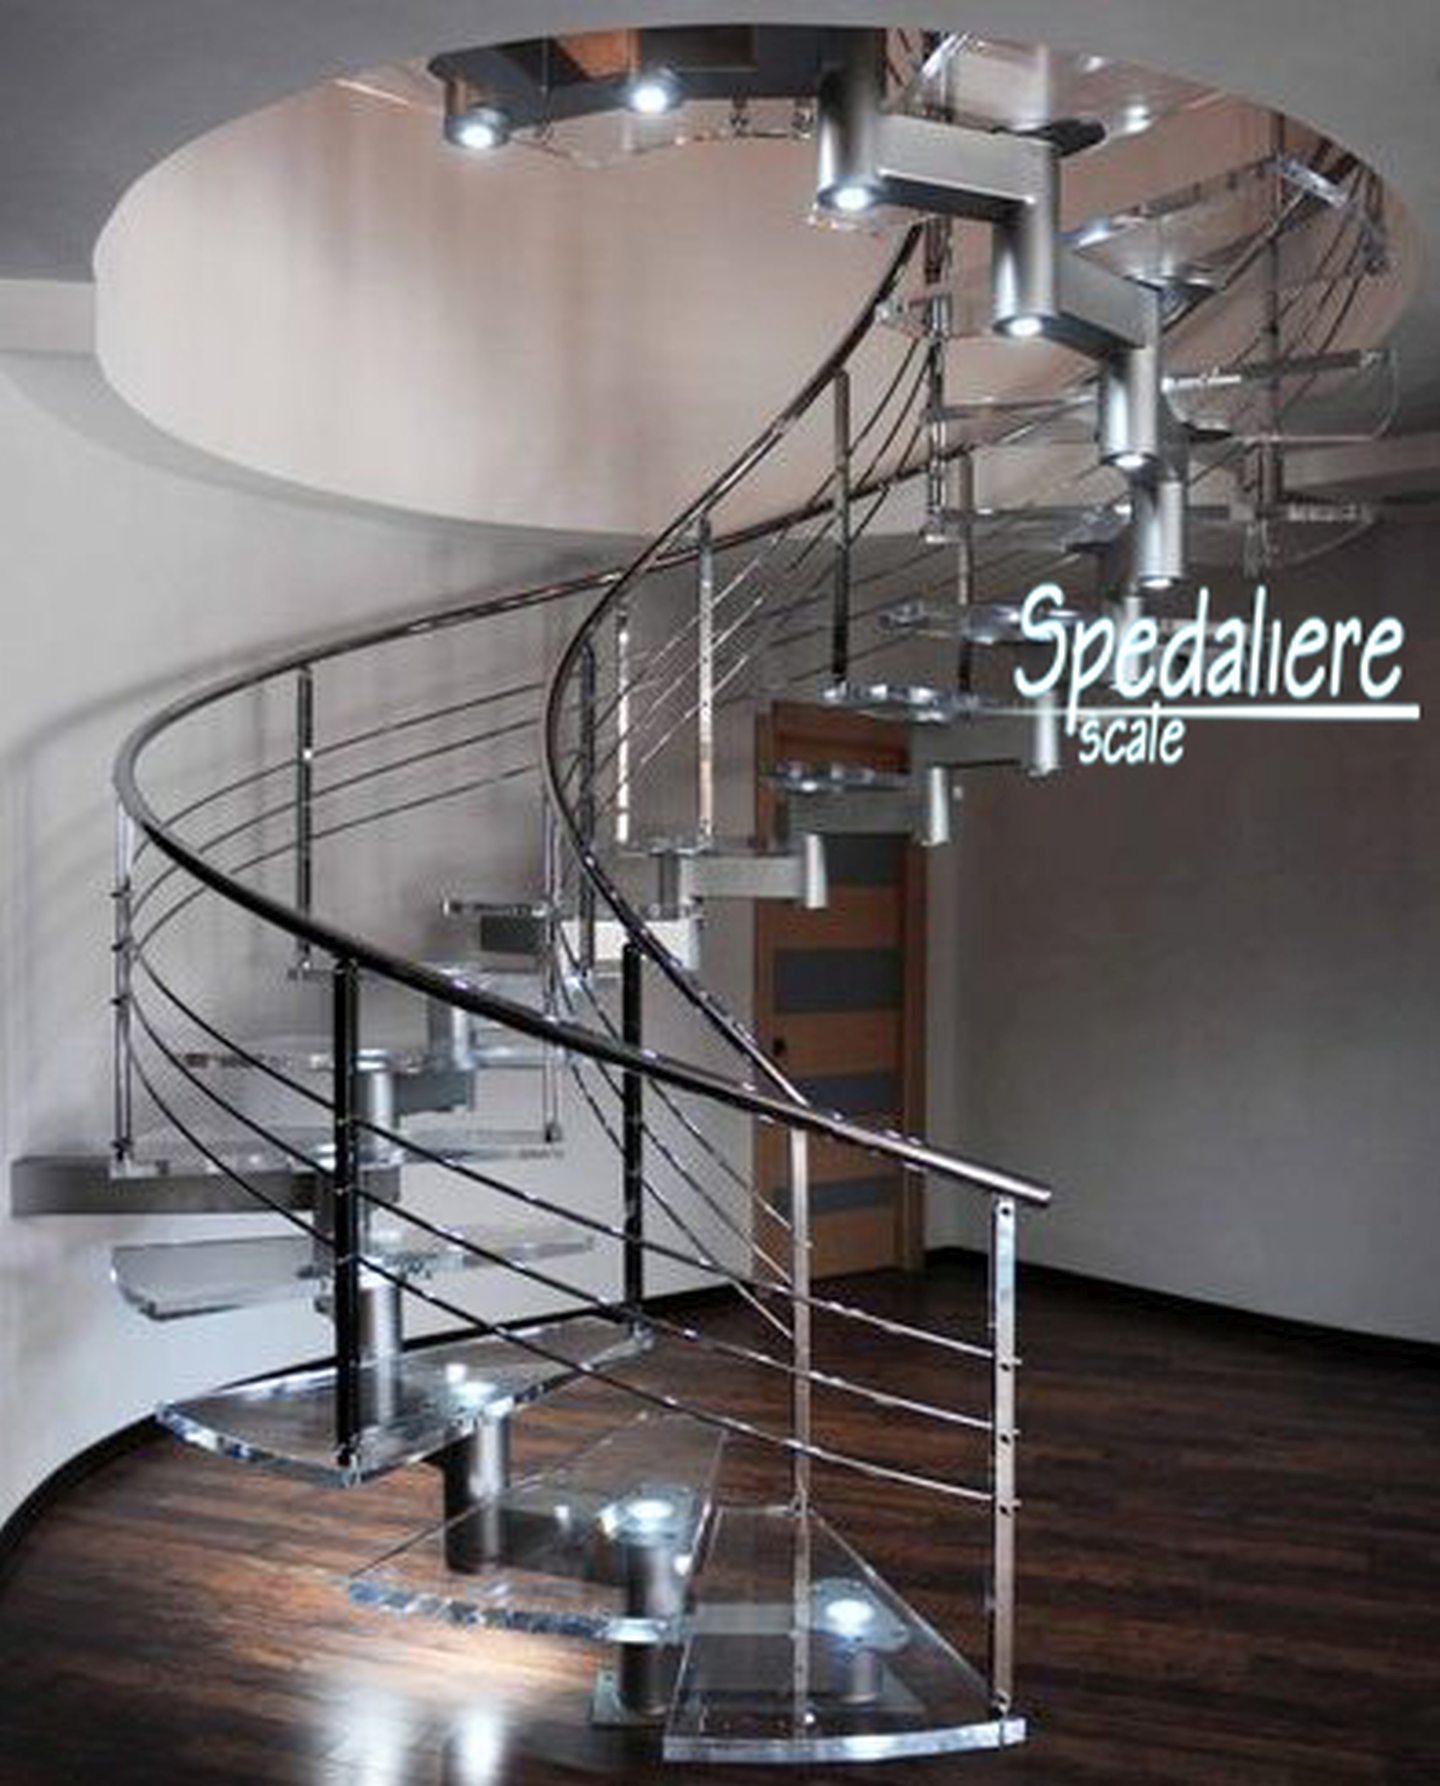 Elicoidale con gradini in plexiglas trasparenti ringhiere interne ed esterne a correnti orizzontali cromate, illuminazione integrata nei gradini